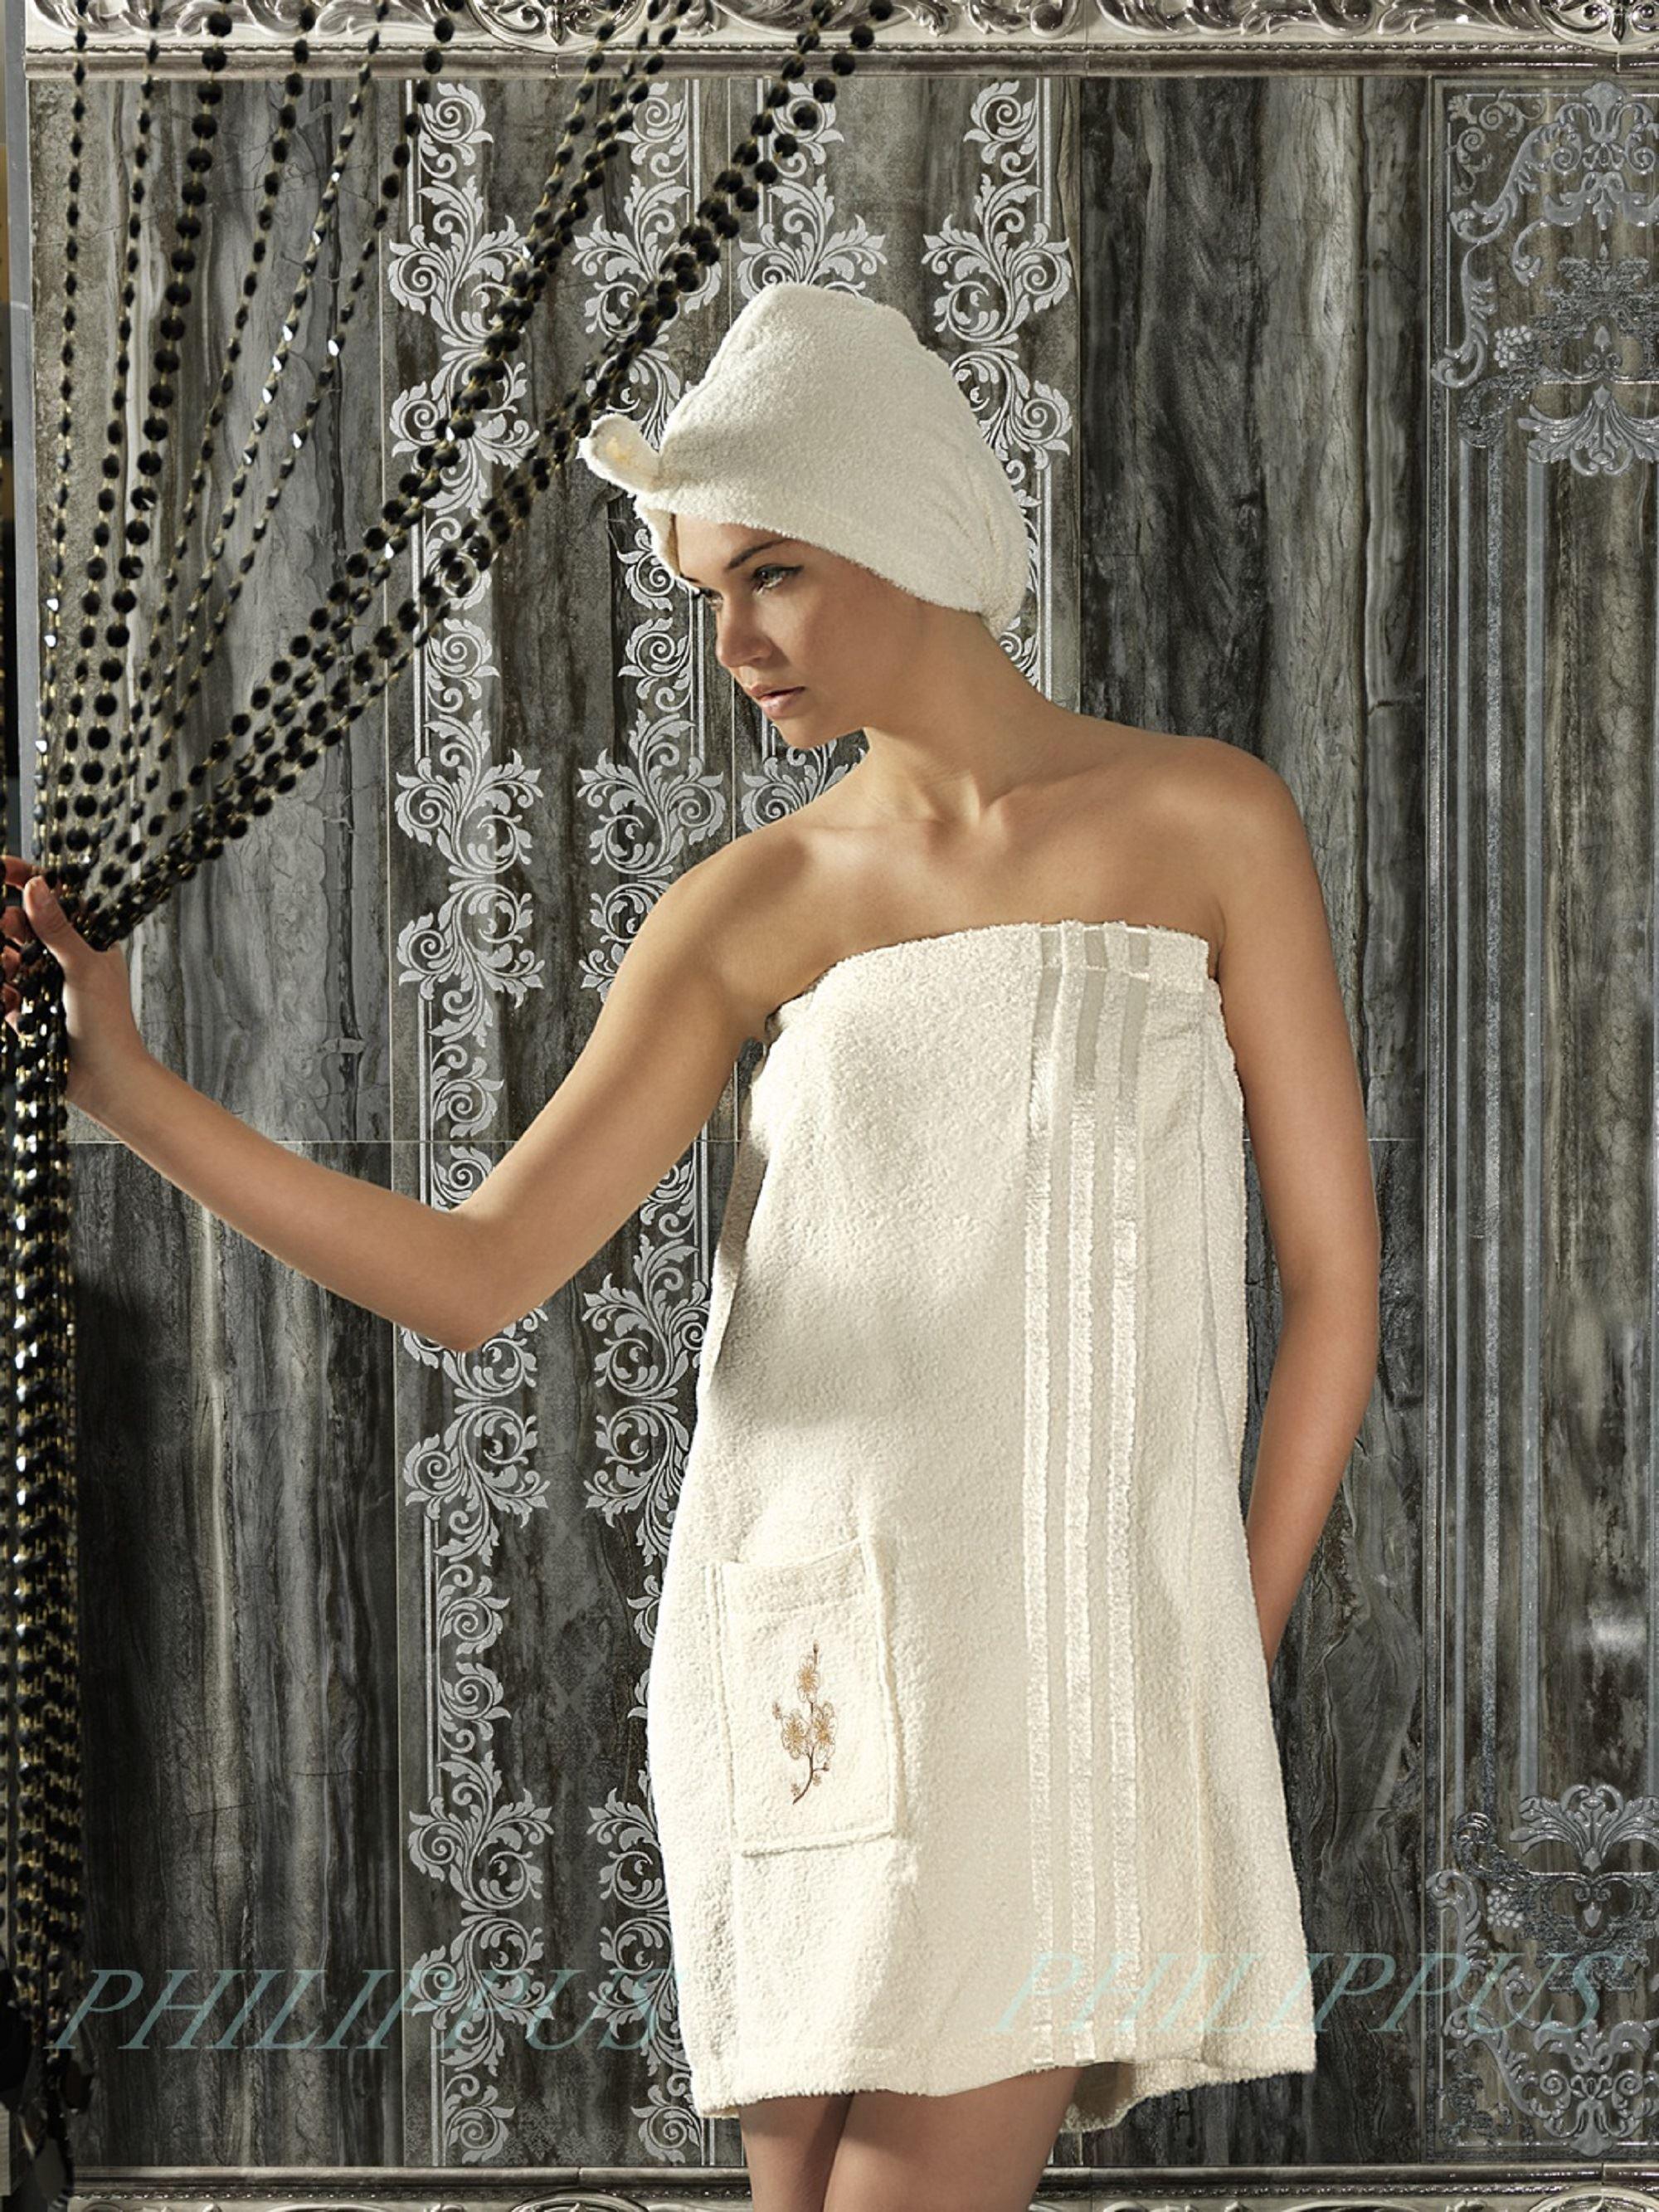 Сауны, бани и оборудование Philippus Набор для сауны Mariam Цвет: Кремовый сауны бани и оборудование valentini набор для сауны fashion цвет песочный